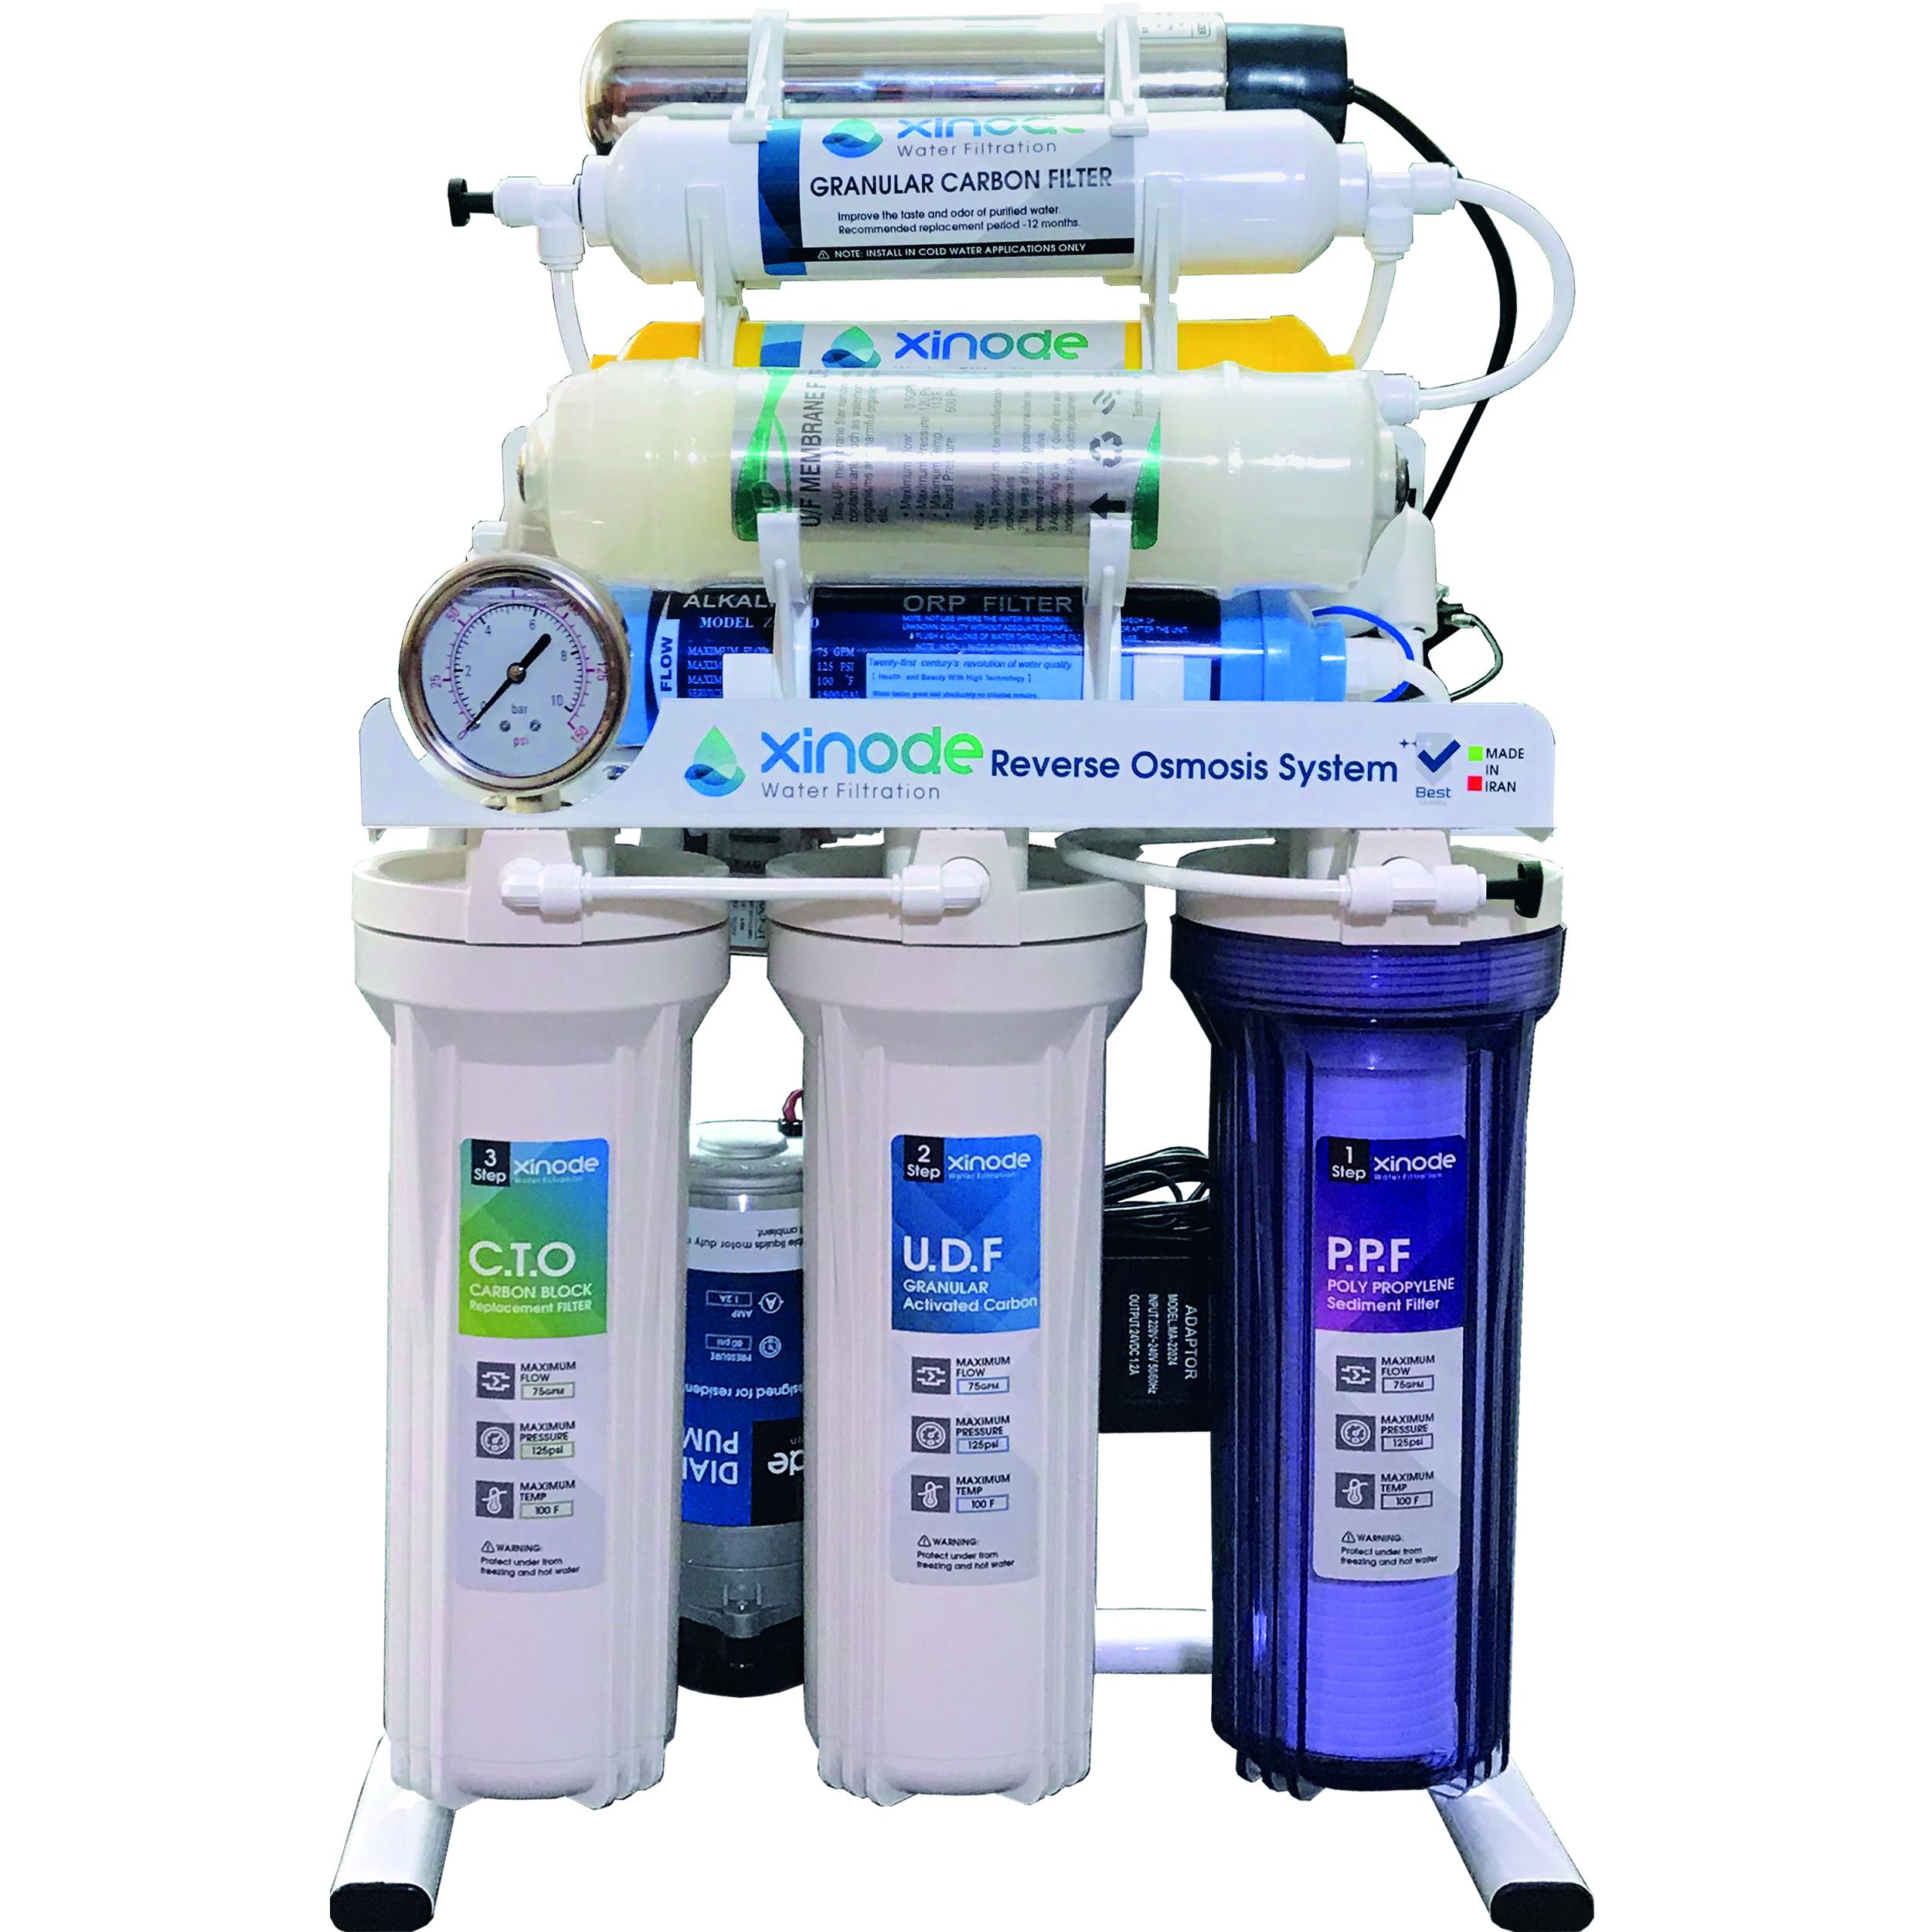 دستگاه تصفیه کننده آب زینود مدل AXC-1105HB